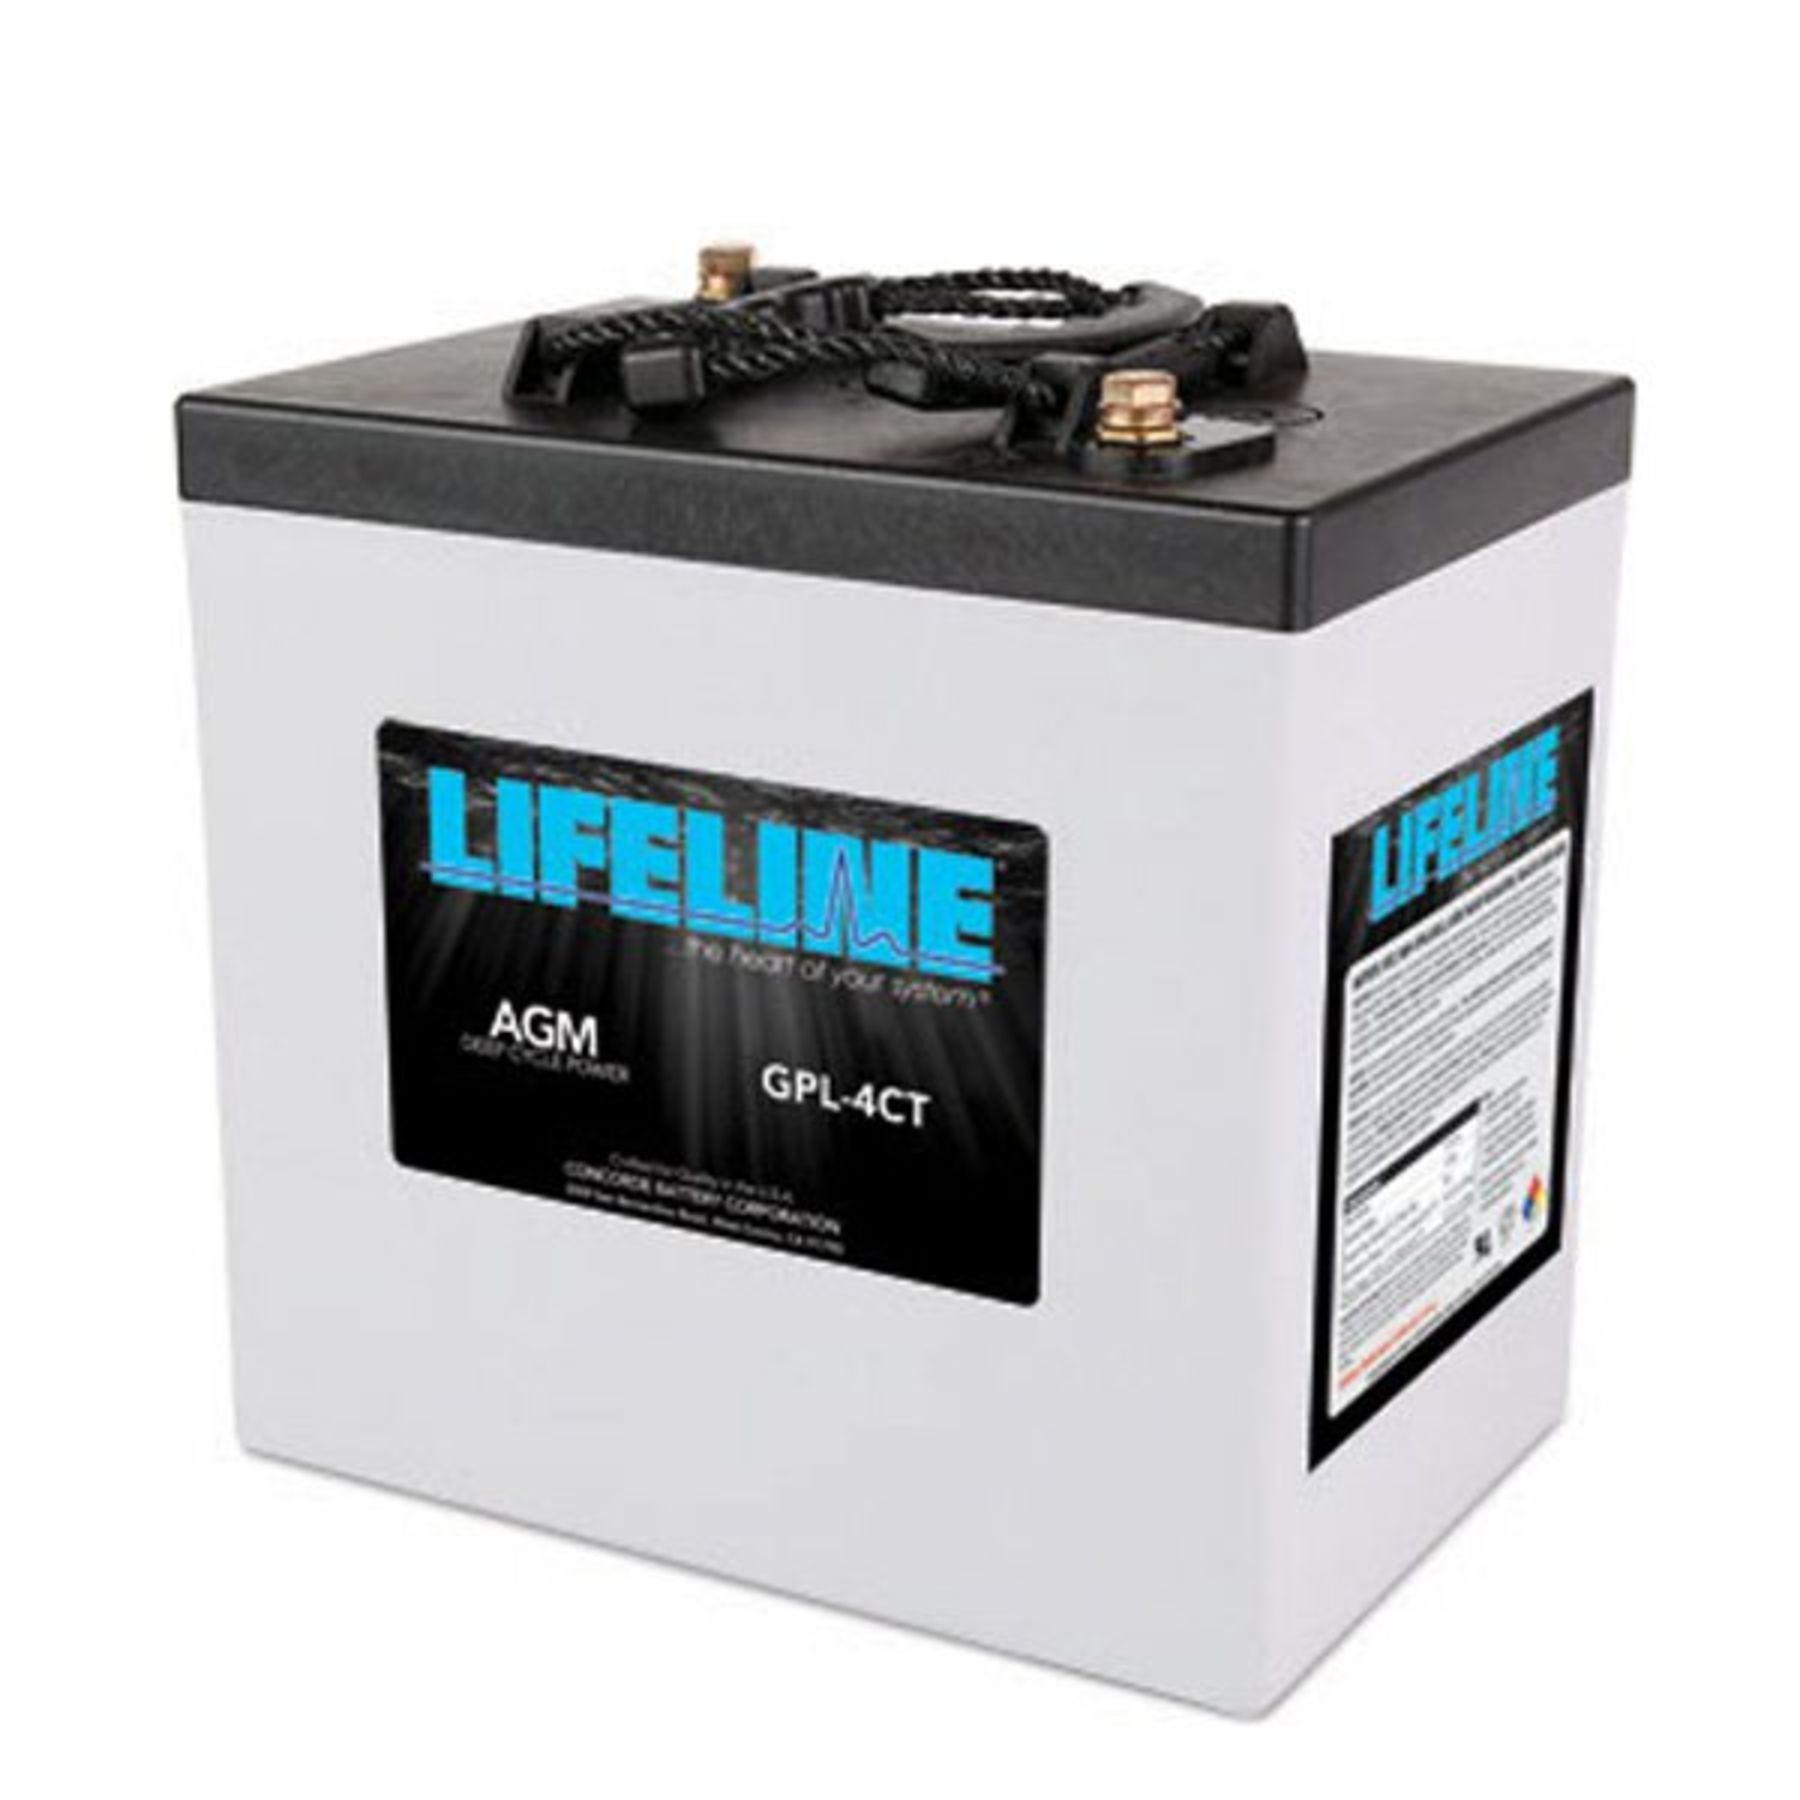 lifeline 6v 220 ah deep cycle sealed agm battery gpl 4ct. Black Bedroom Furniture Sets. Home Design Ideas